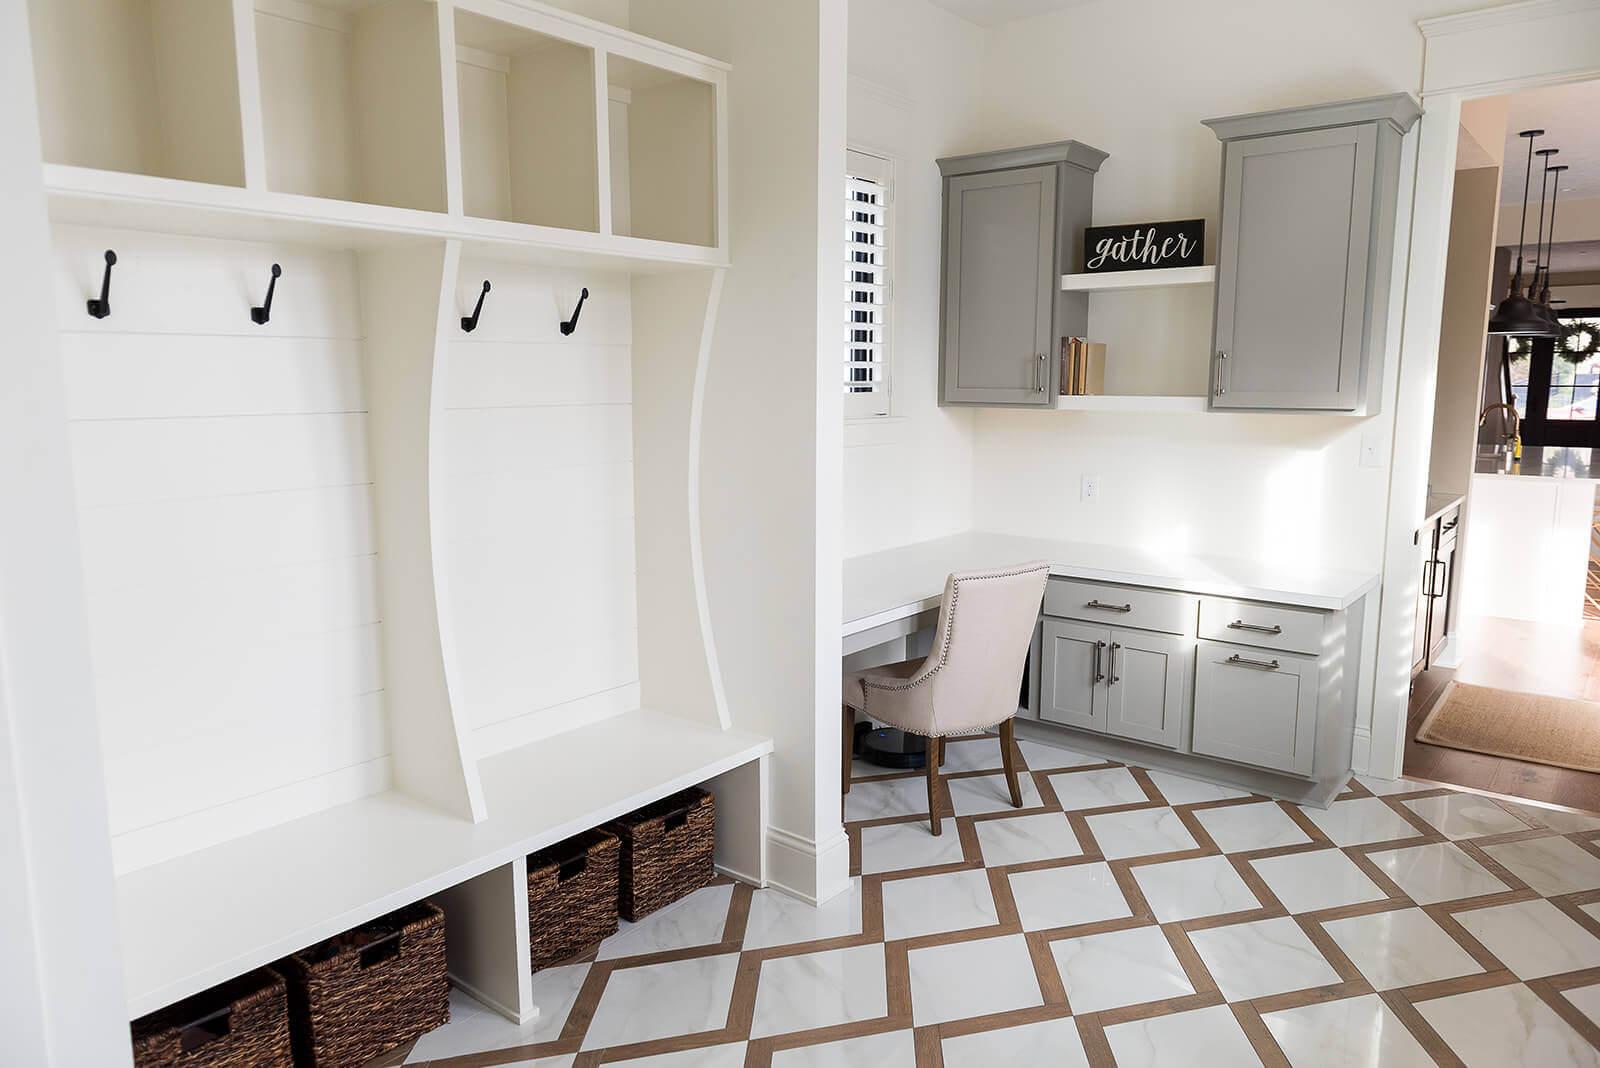 Using multipurpose spaces